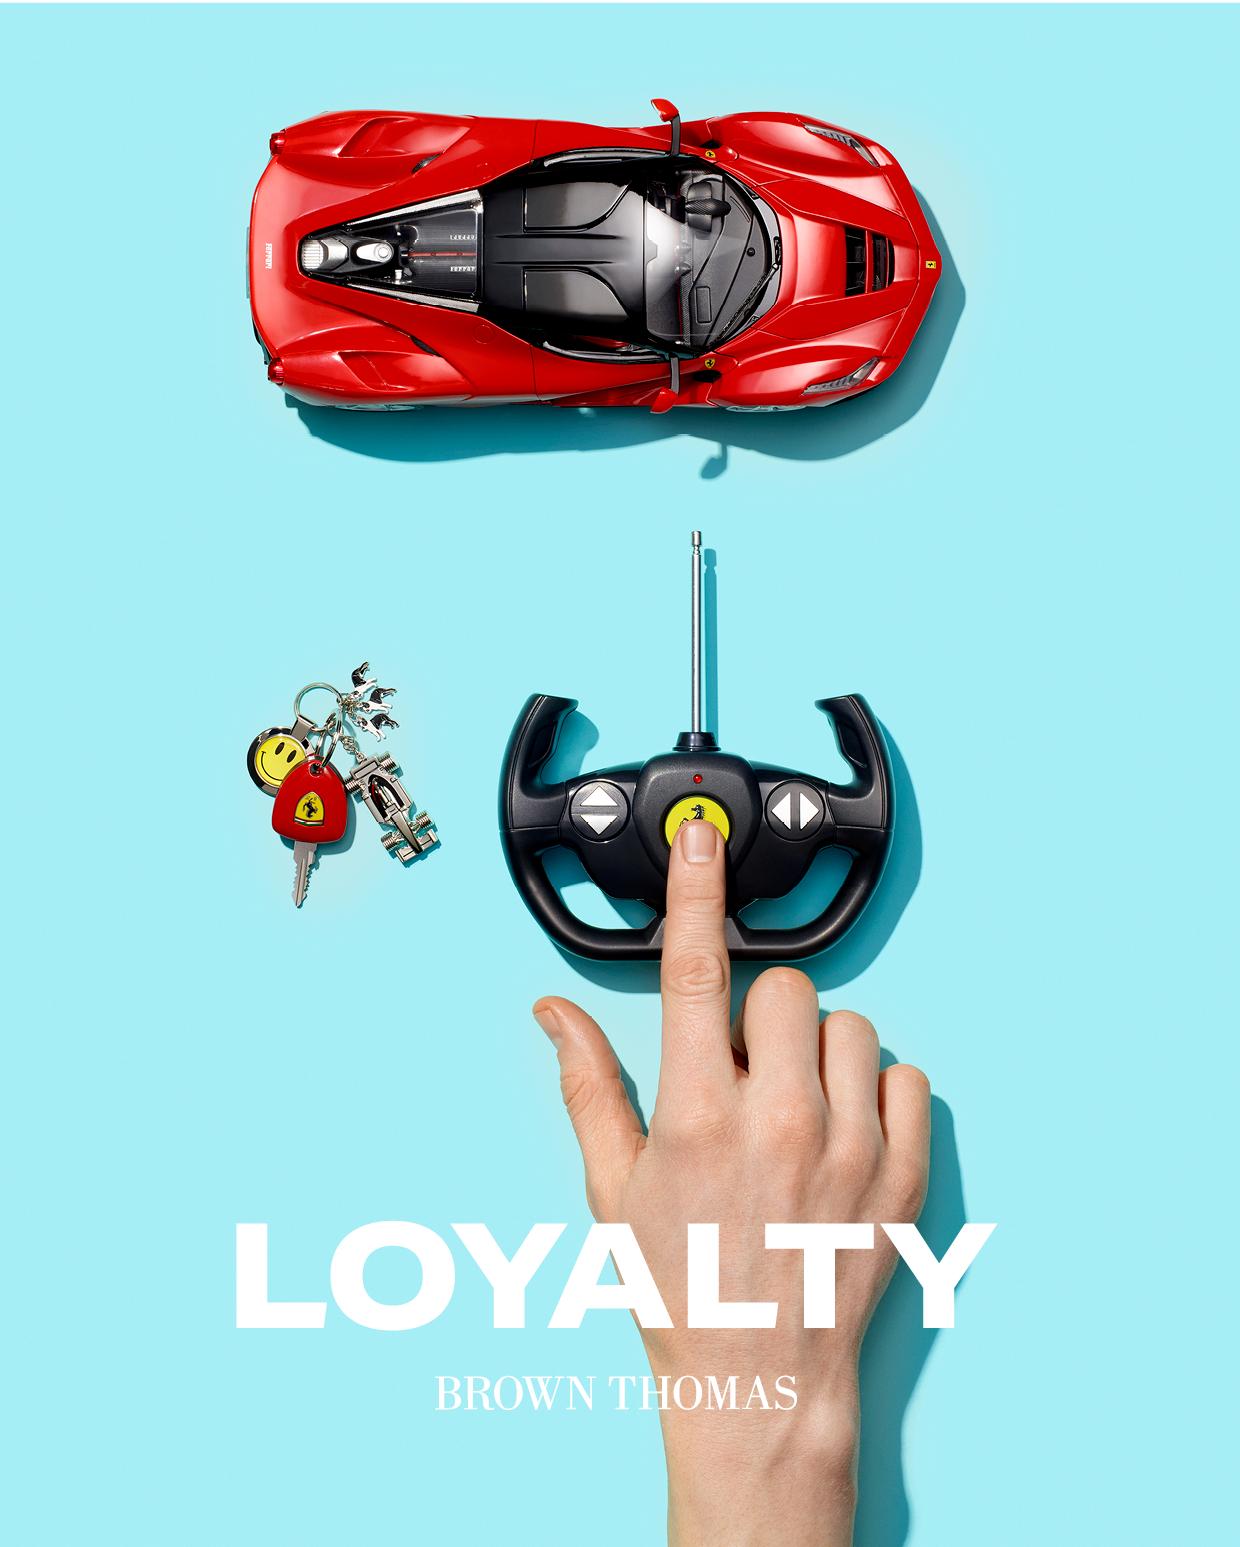 TogetherWeCreate_BT_Loyalty_Hero3.png